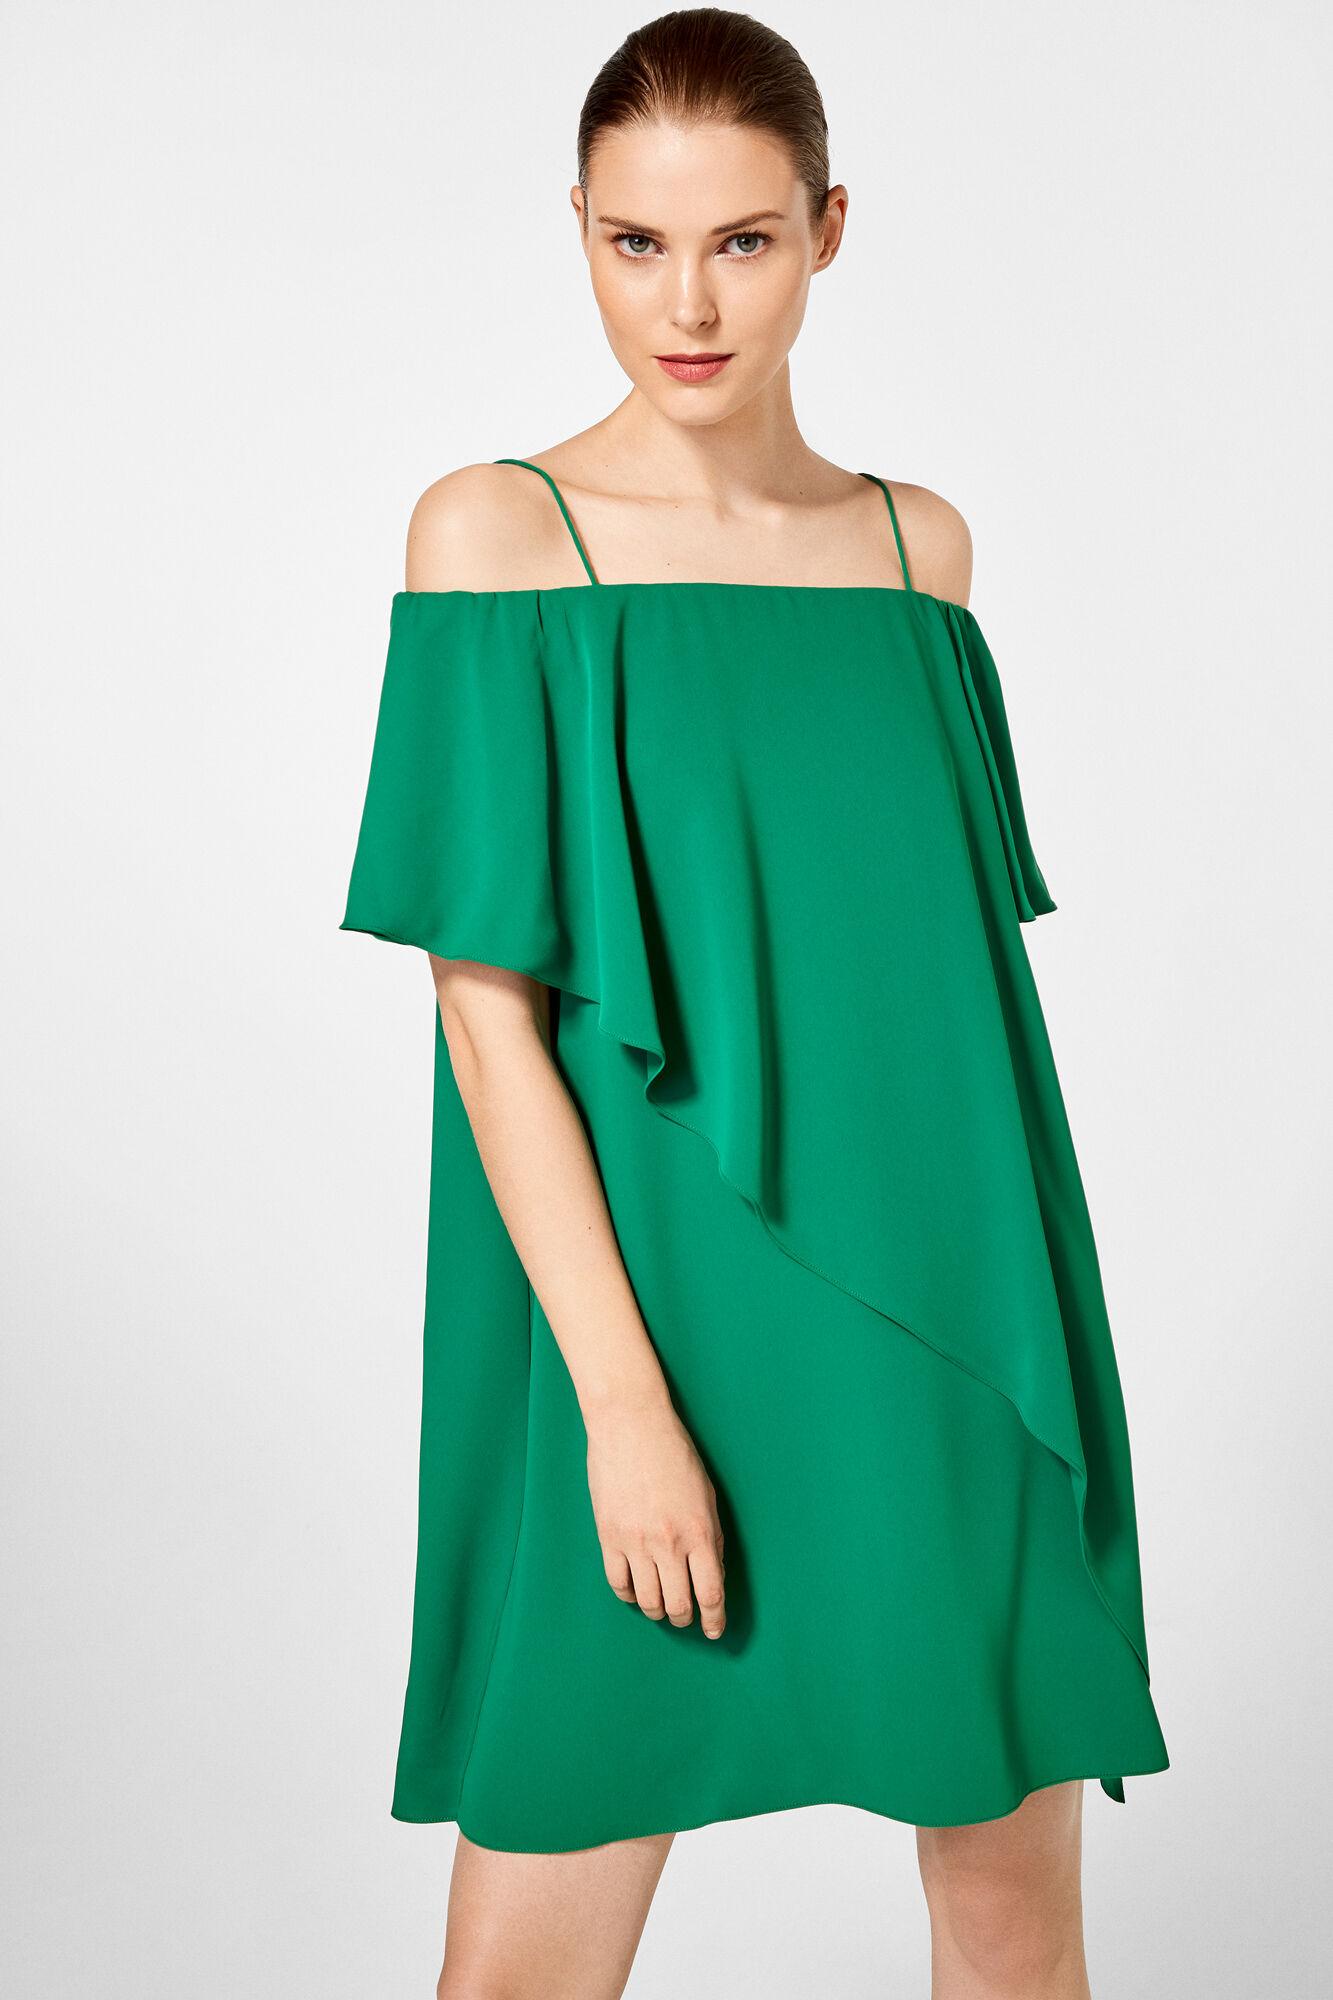 Comprar vestidos de fiesta contrareembolso